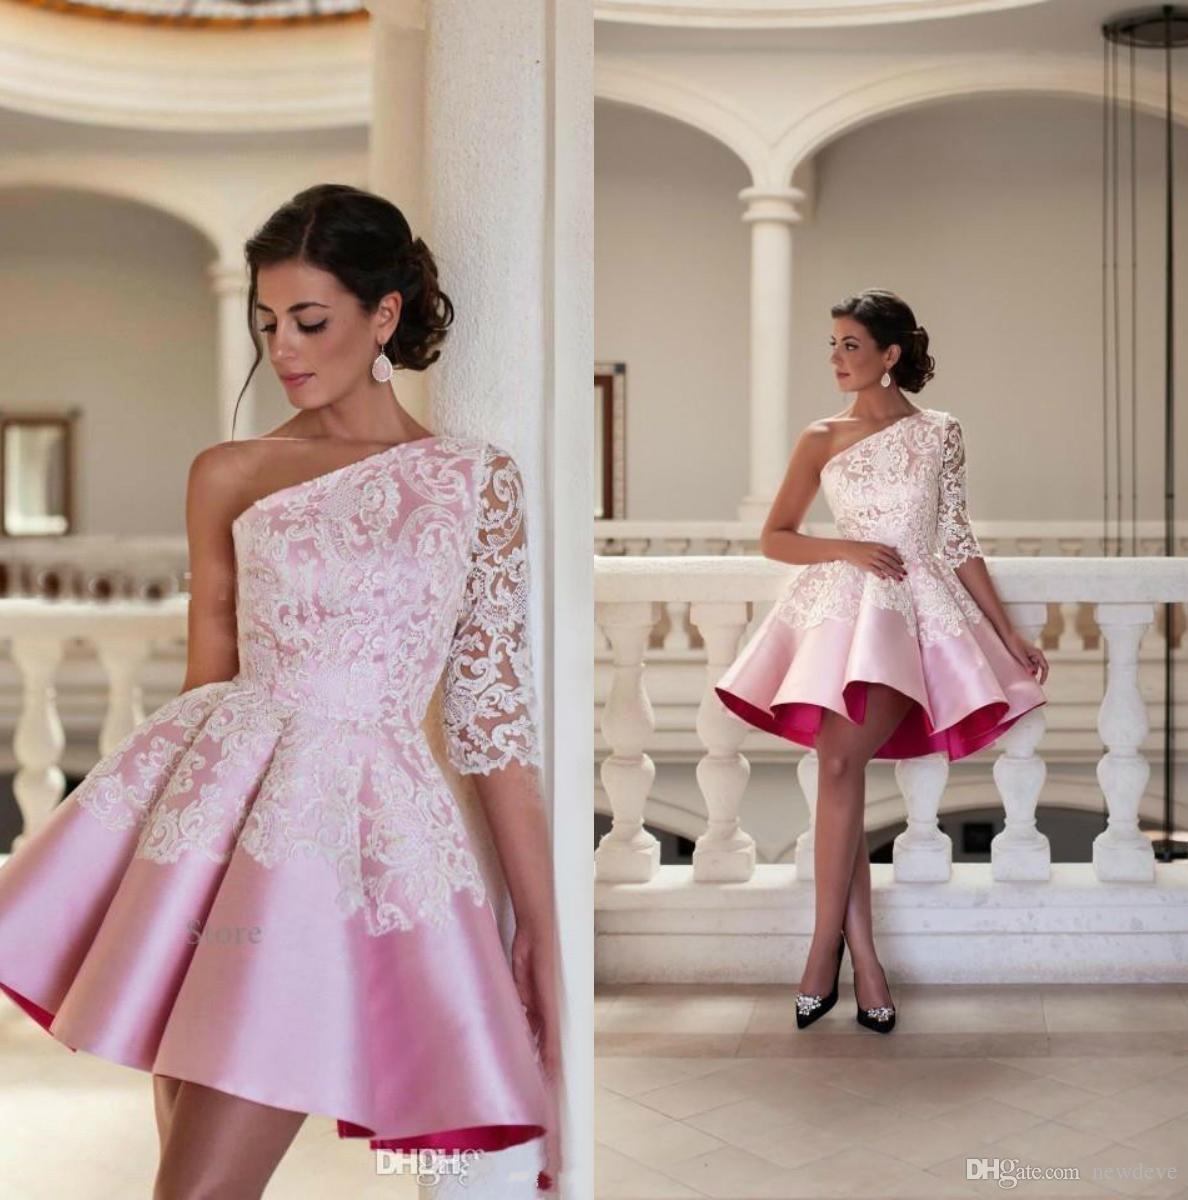 73804fe5df0 2017 Cheap Cocktail Dresses One Shoulder Newest Satin Lace Applique ...